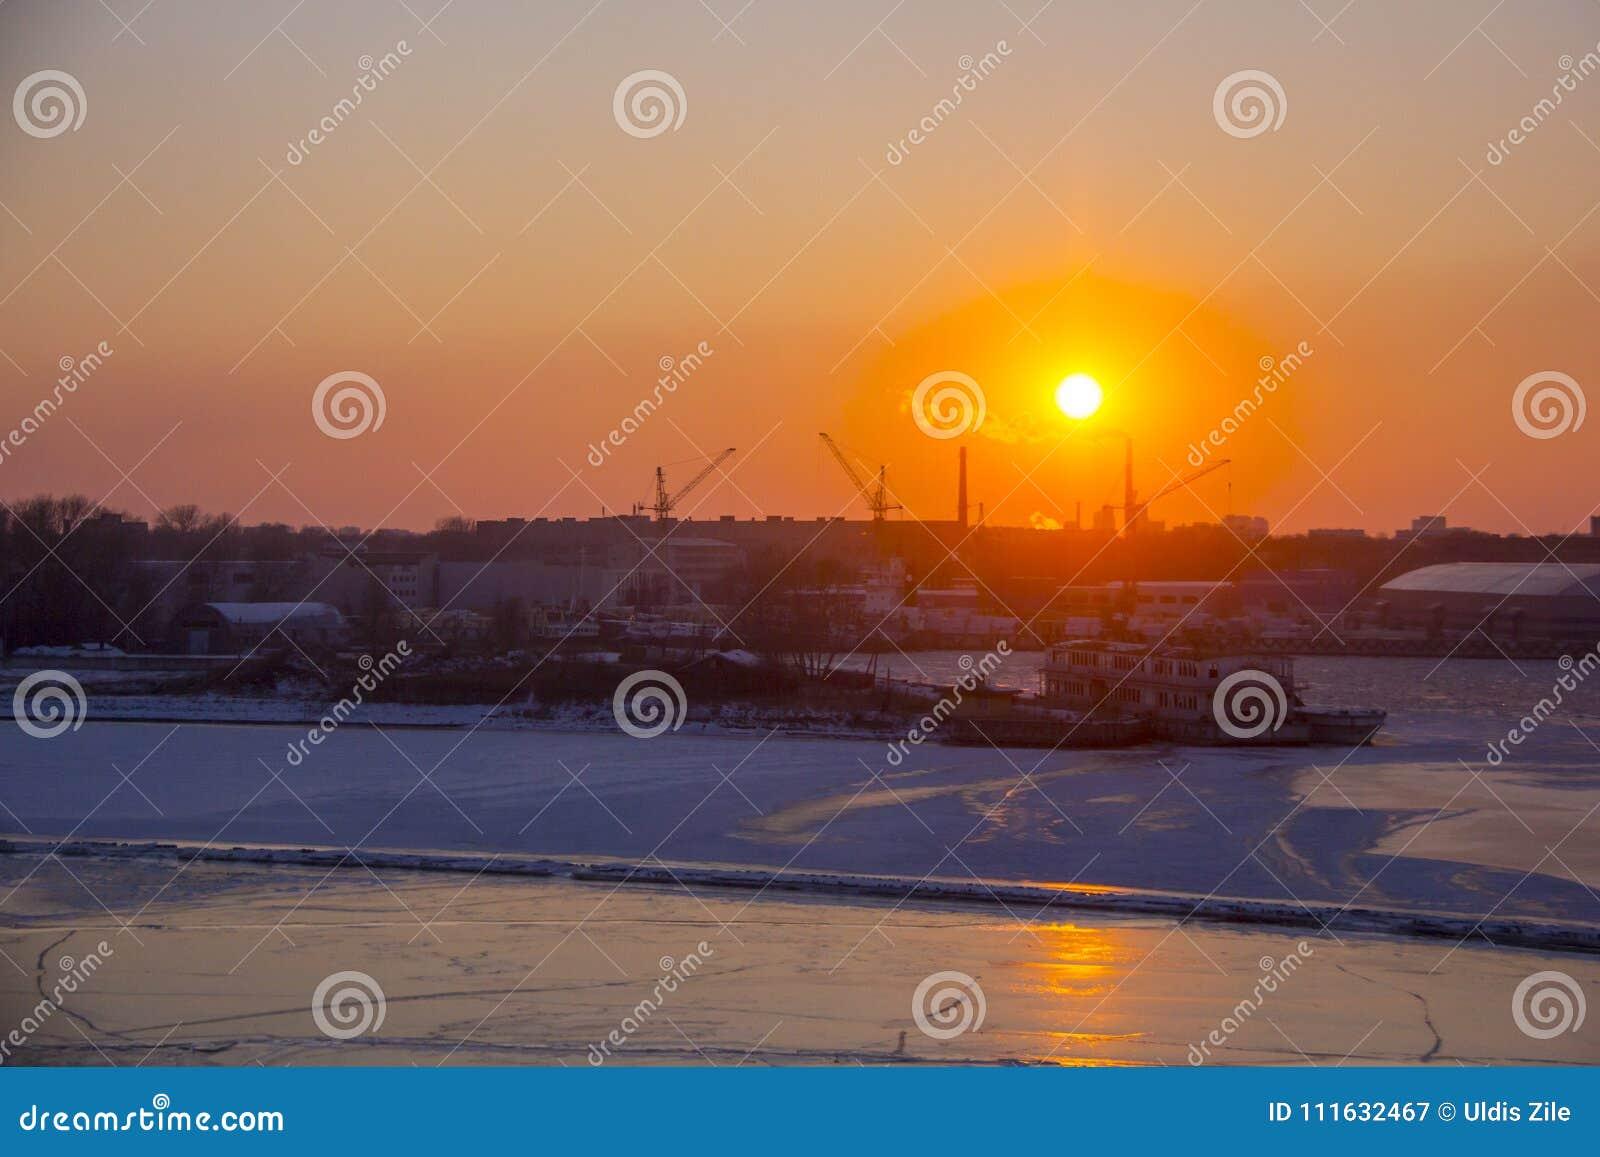 Frakta sändningsbehållare och gasbehållare på skeppsdockorna i den logistiska importexporten och affären Handelport, skepplast so